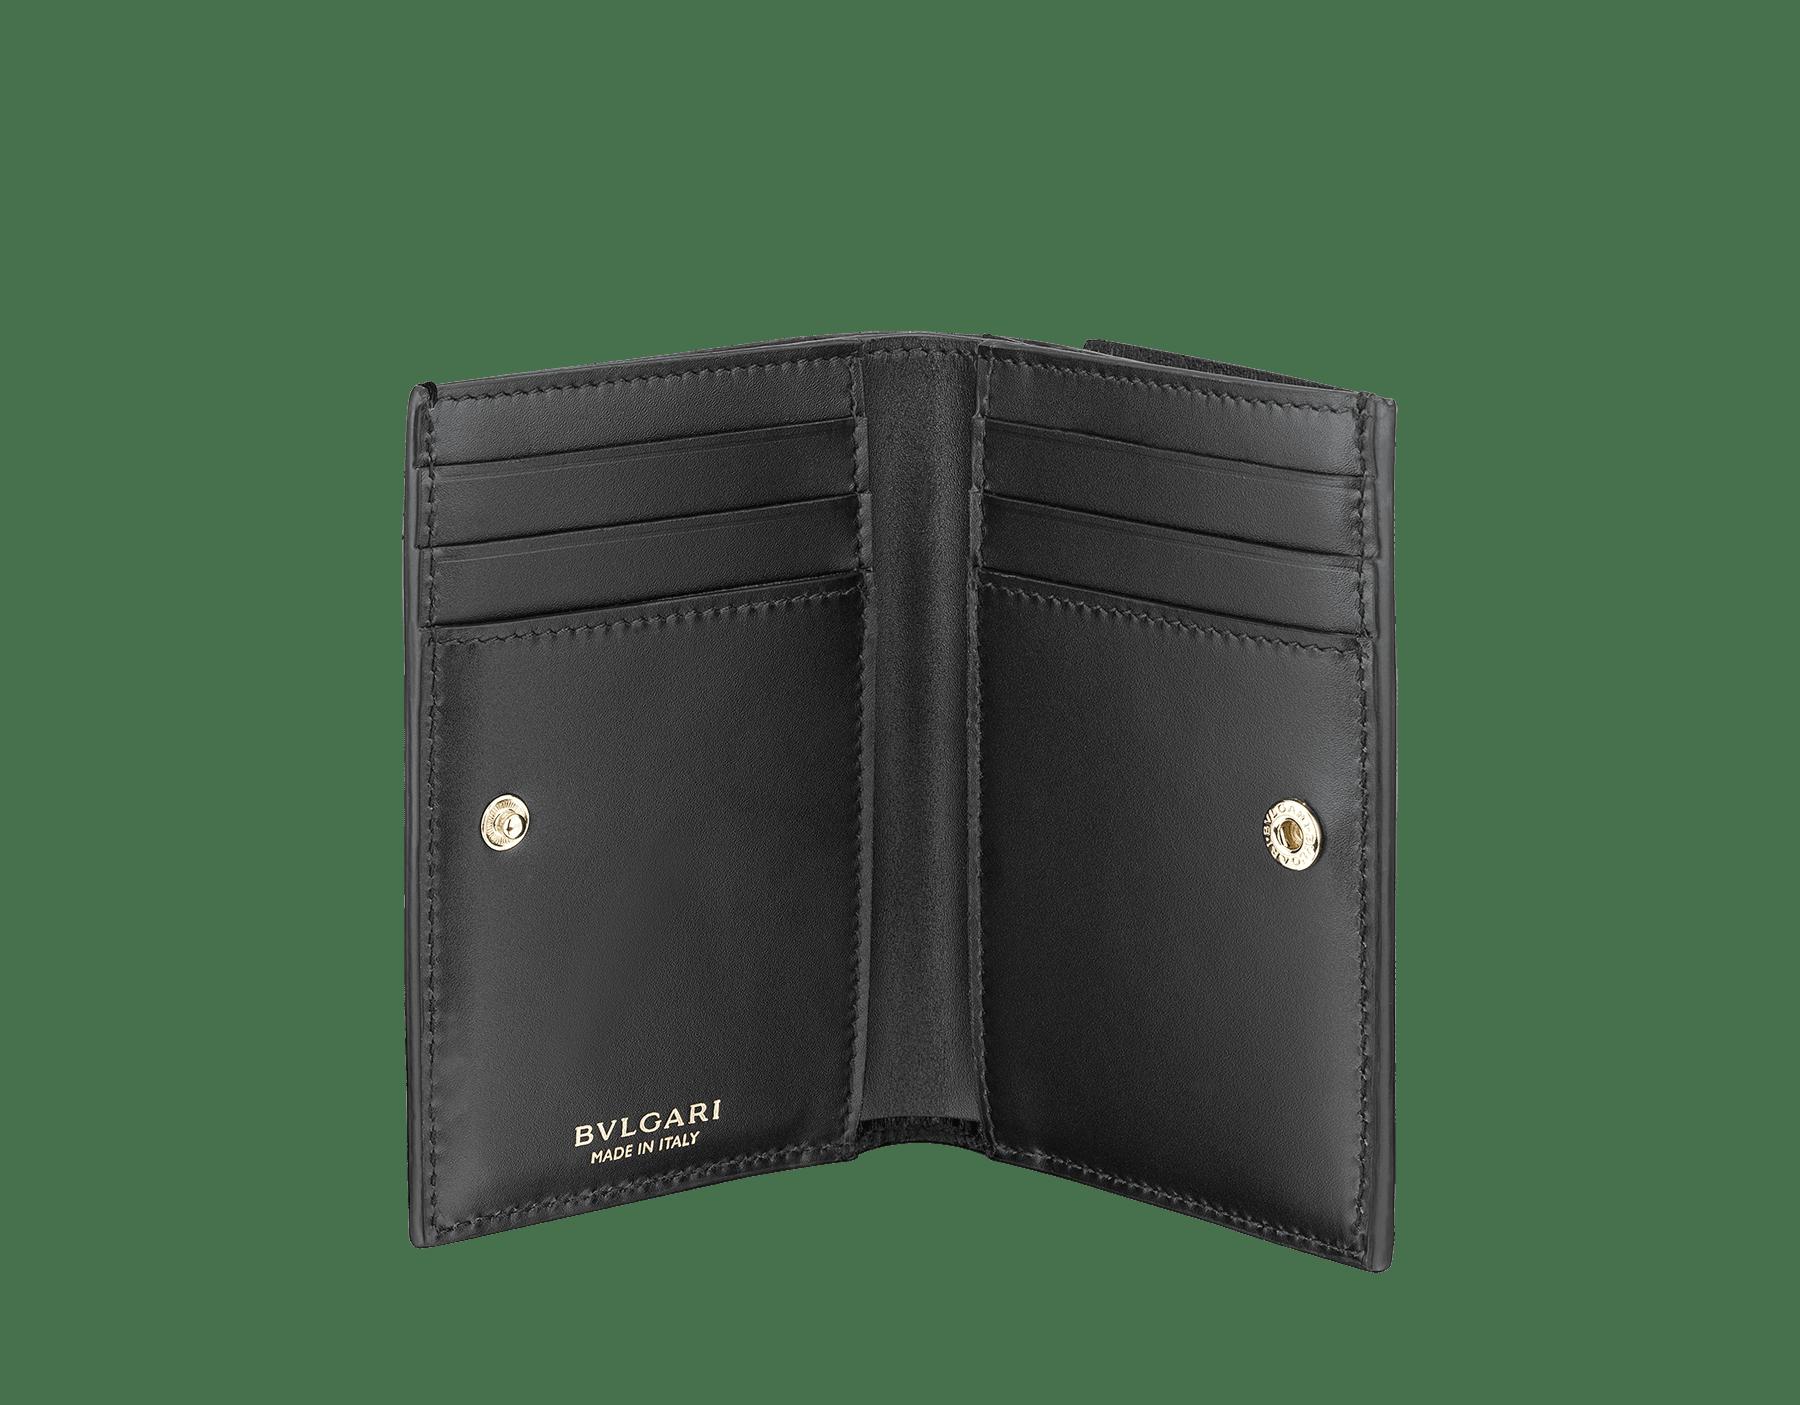 Étui pour cartes de crédit à deux volets B.zero1 en cuir de chèvre noir. Emblématique bijou B.zero1 en laiton doré. 289150 image 2